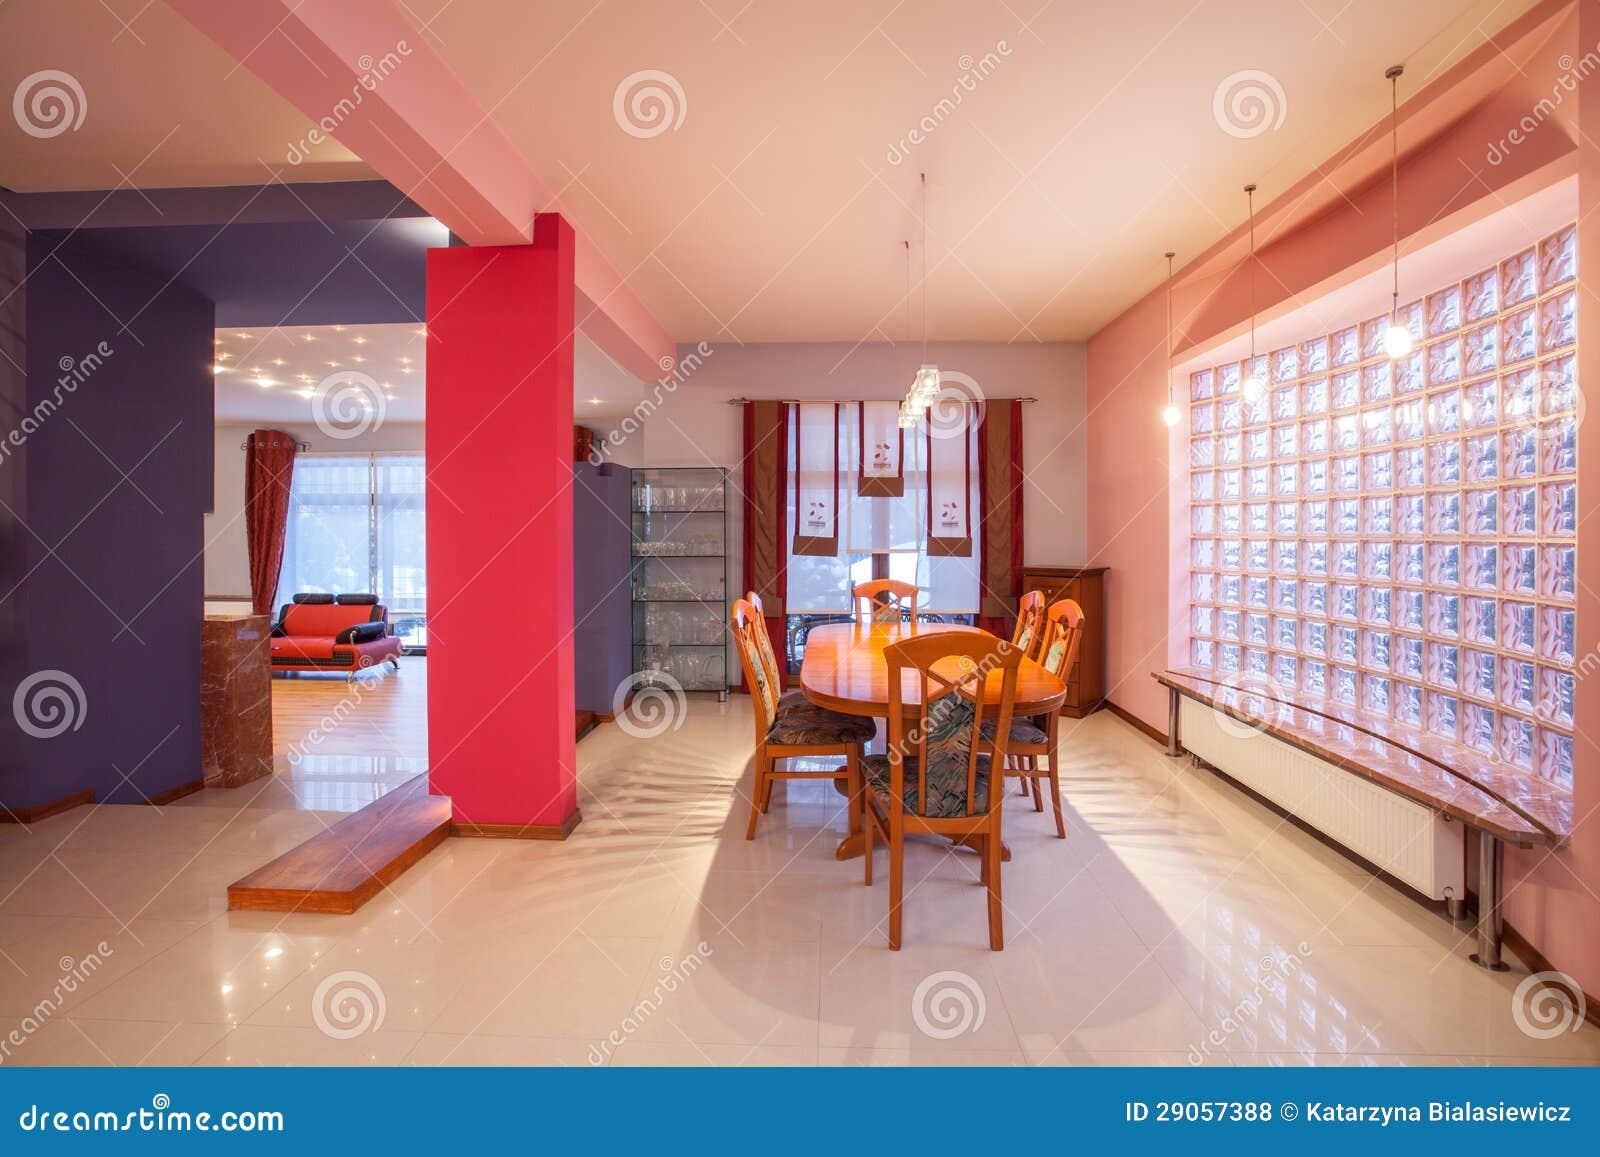 Het huis van de amarant eetkamer royalty vrije stock foto 39 s afbeelding 29057388 - Idee van de eetkamer ...